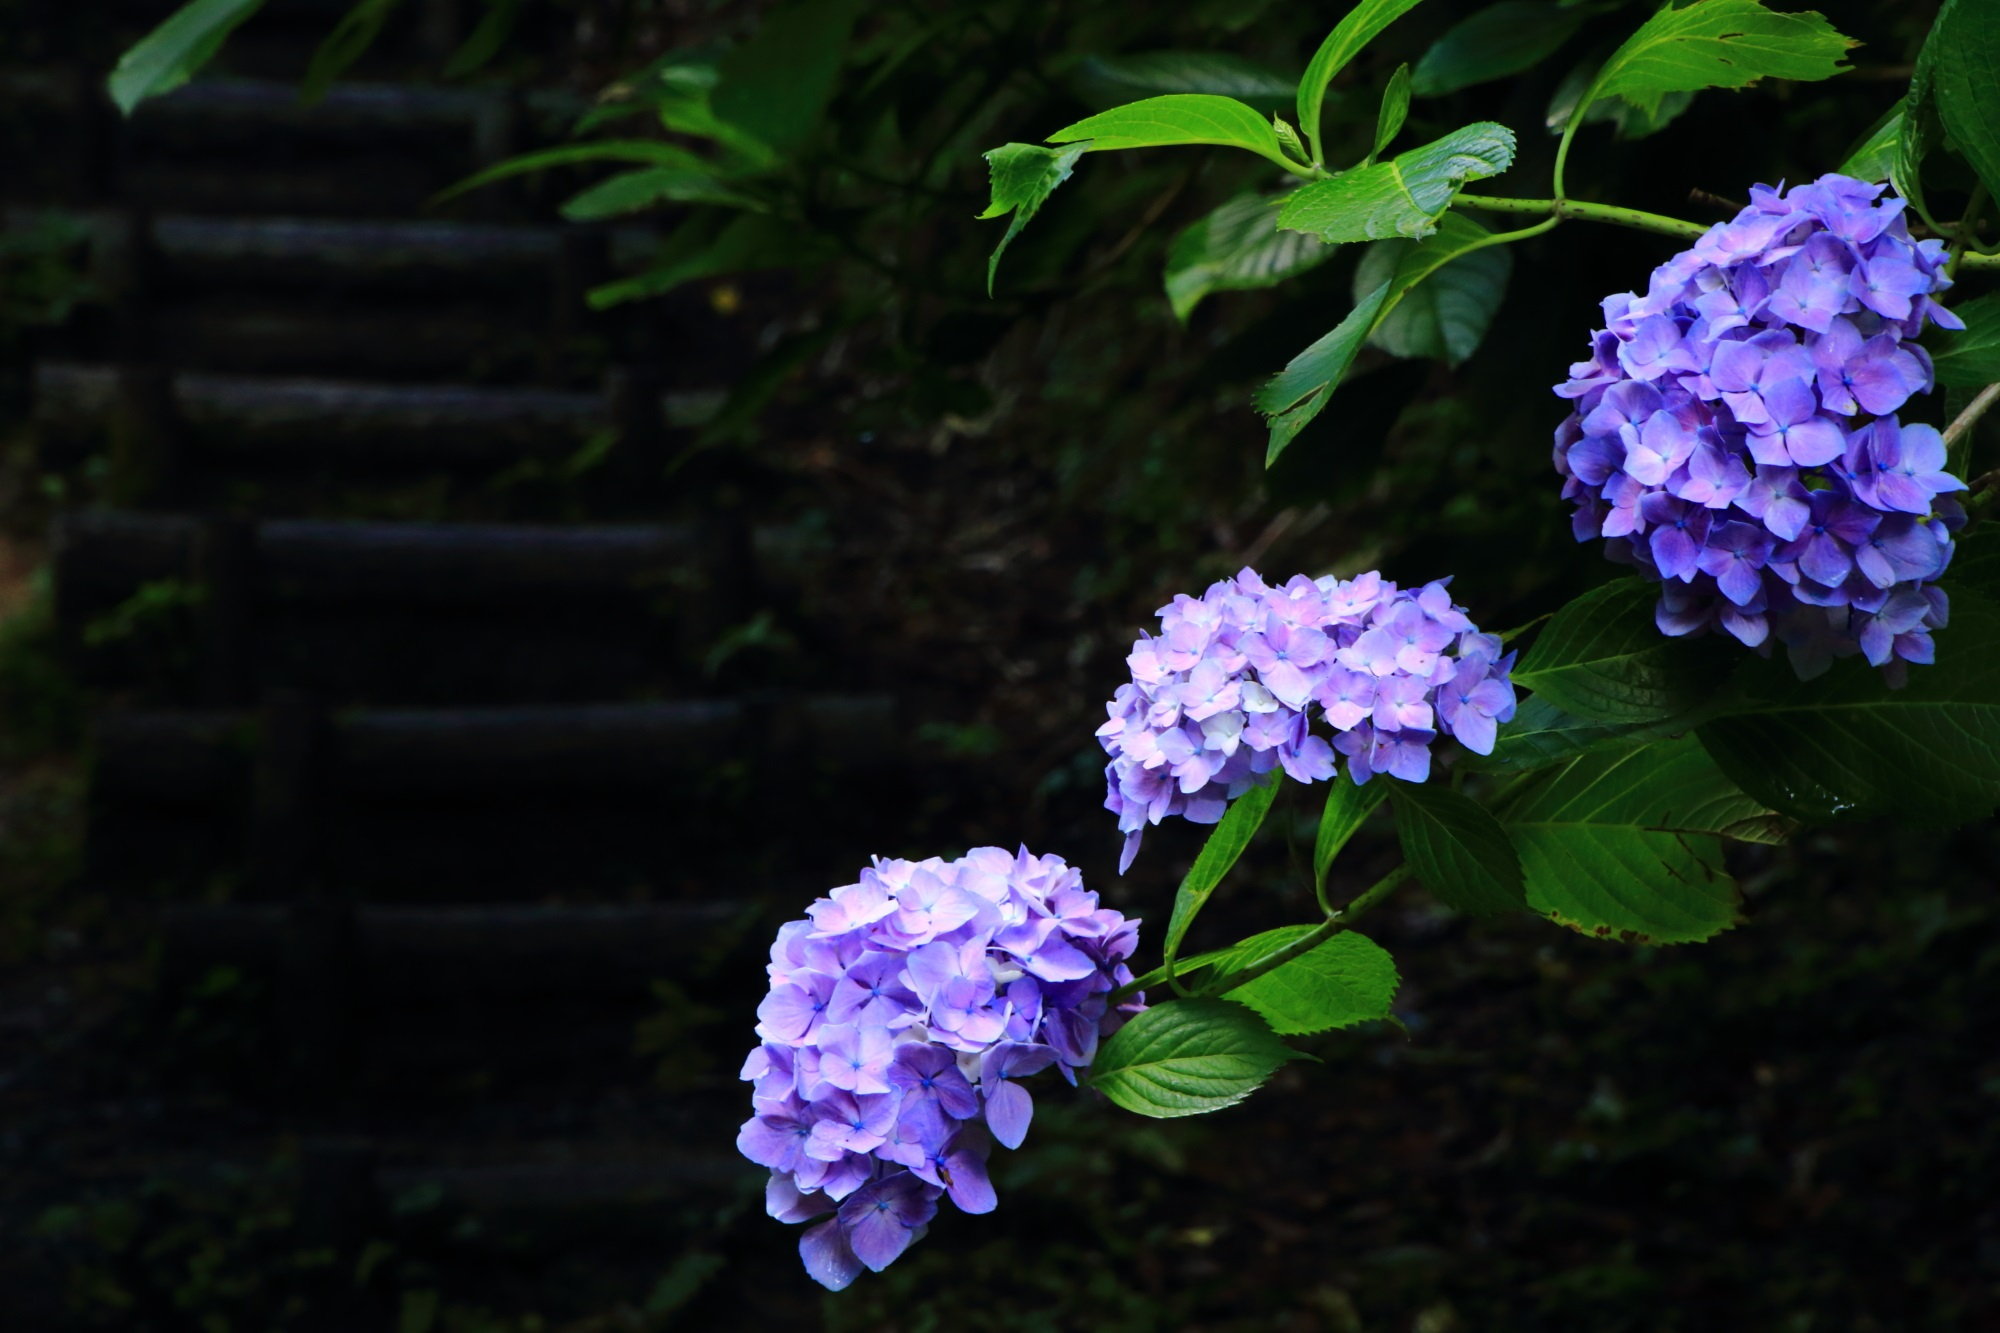 岩船寺の広場(休憩所)やそこに通じる参道に咲く色とりどりの紫陽花